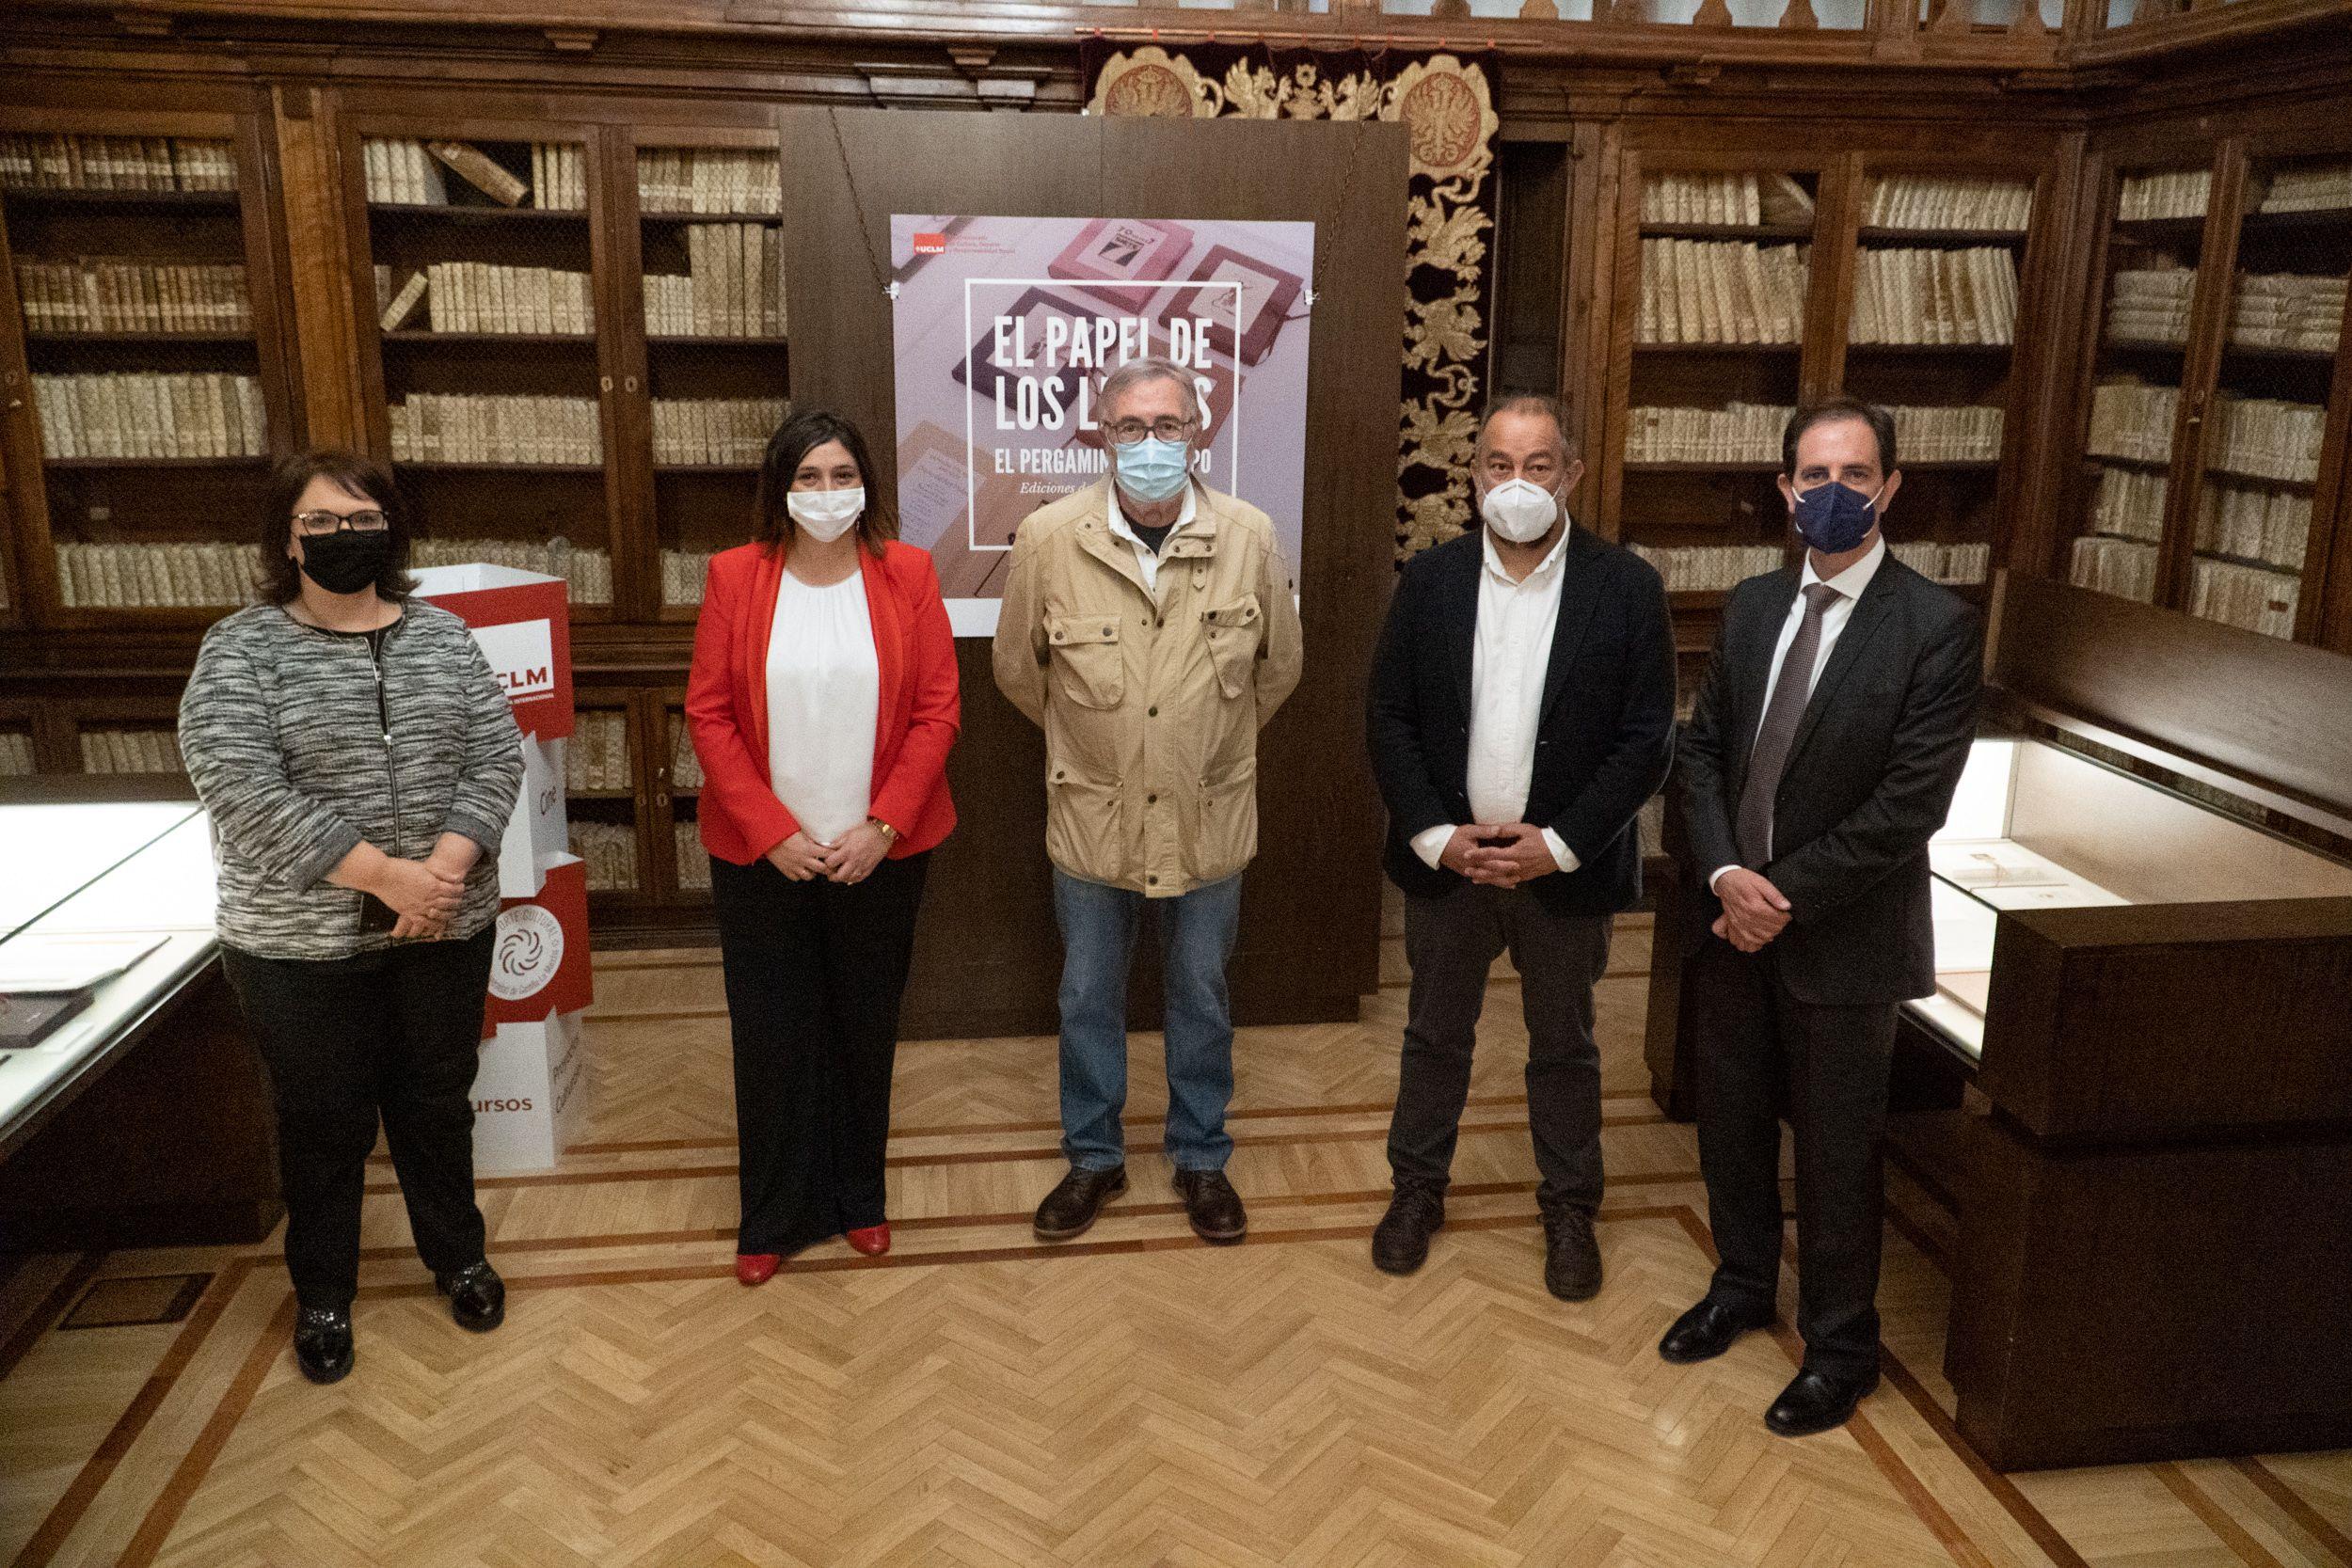 El Gobierno regional destaca la calidad de la exposición sobre la historia del papel en nuestro país en la Biblioteca de Castilla-La Mancha